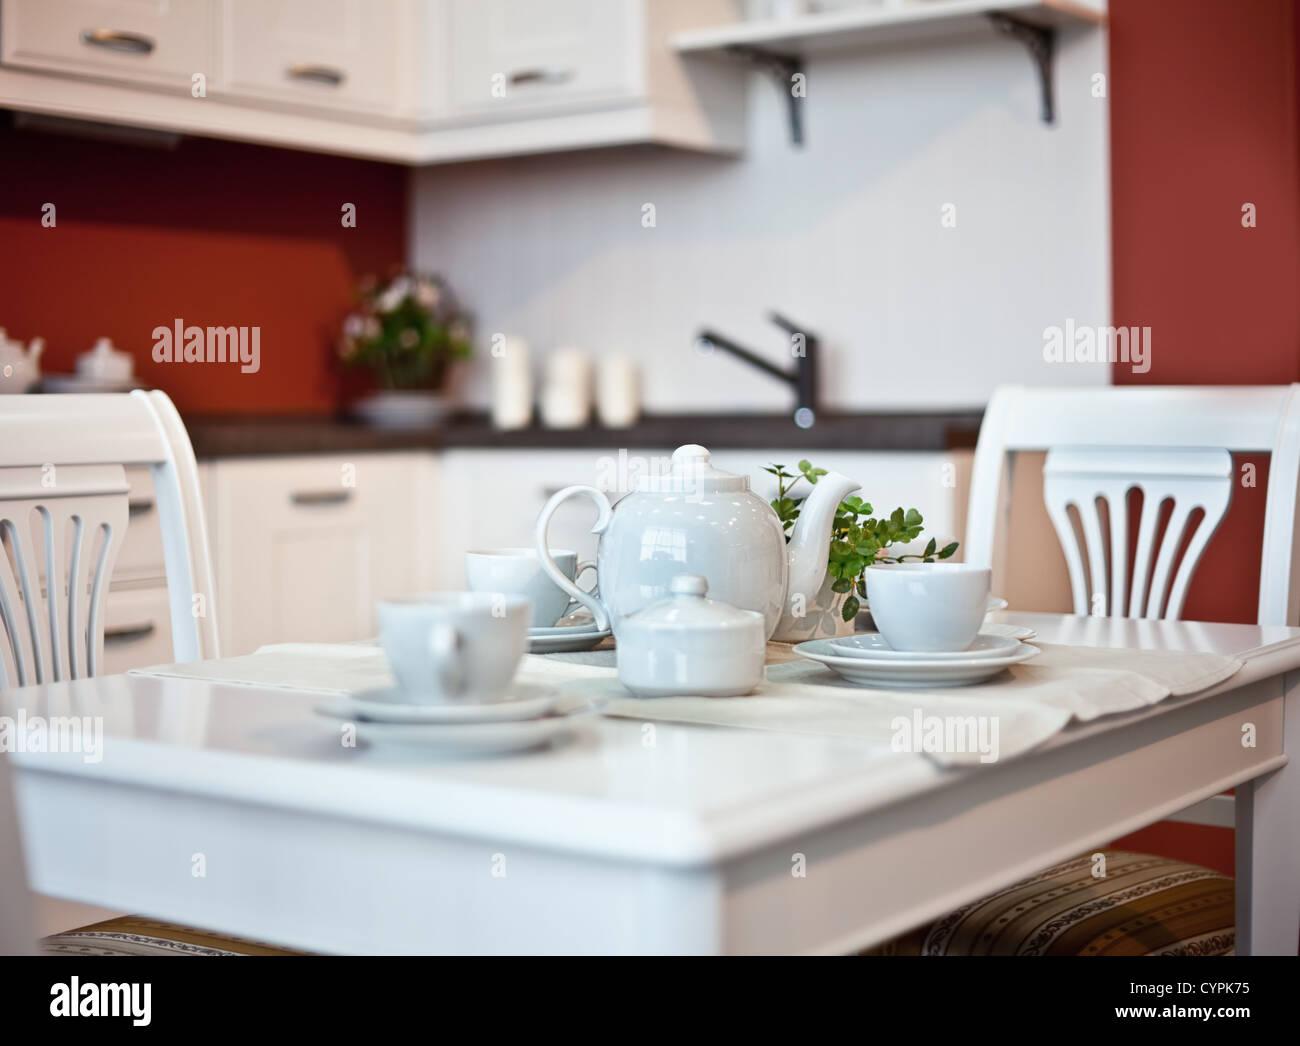 Küche Interieur mit Gerichten am Tisch (schöne Schärfentiefe-Effekt) Stockbild